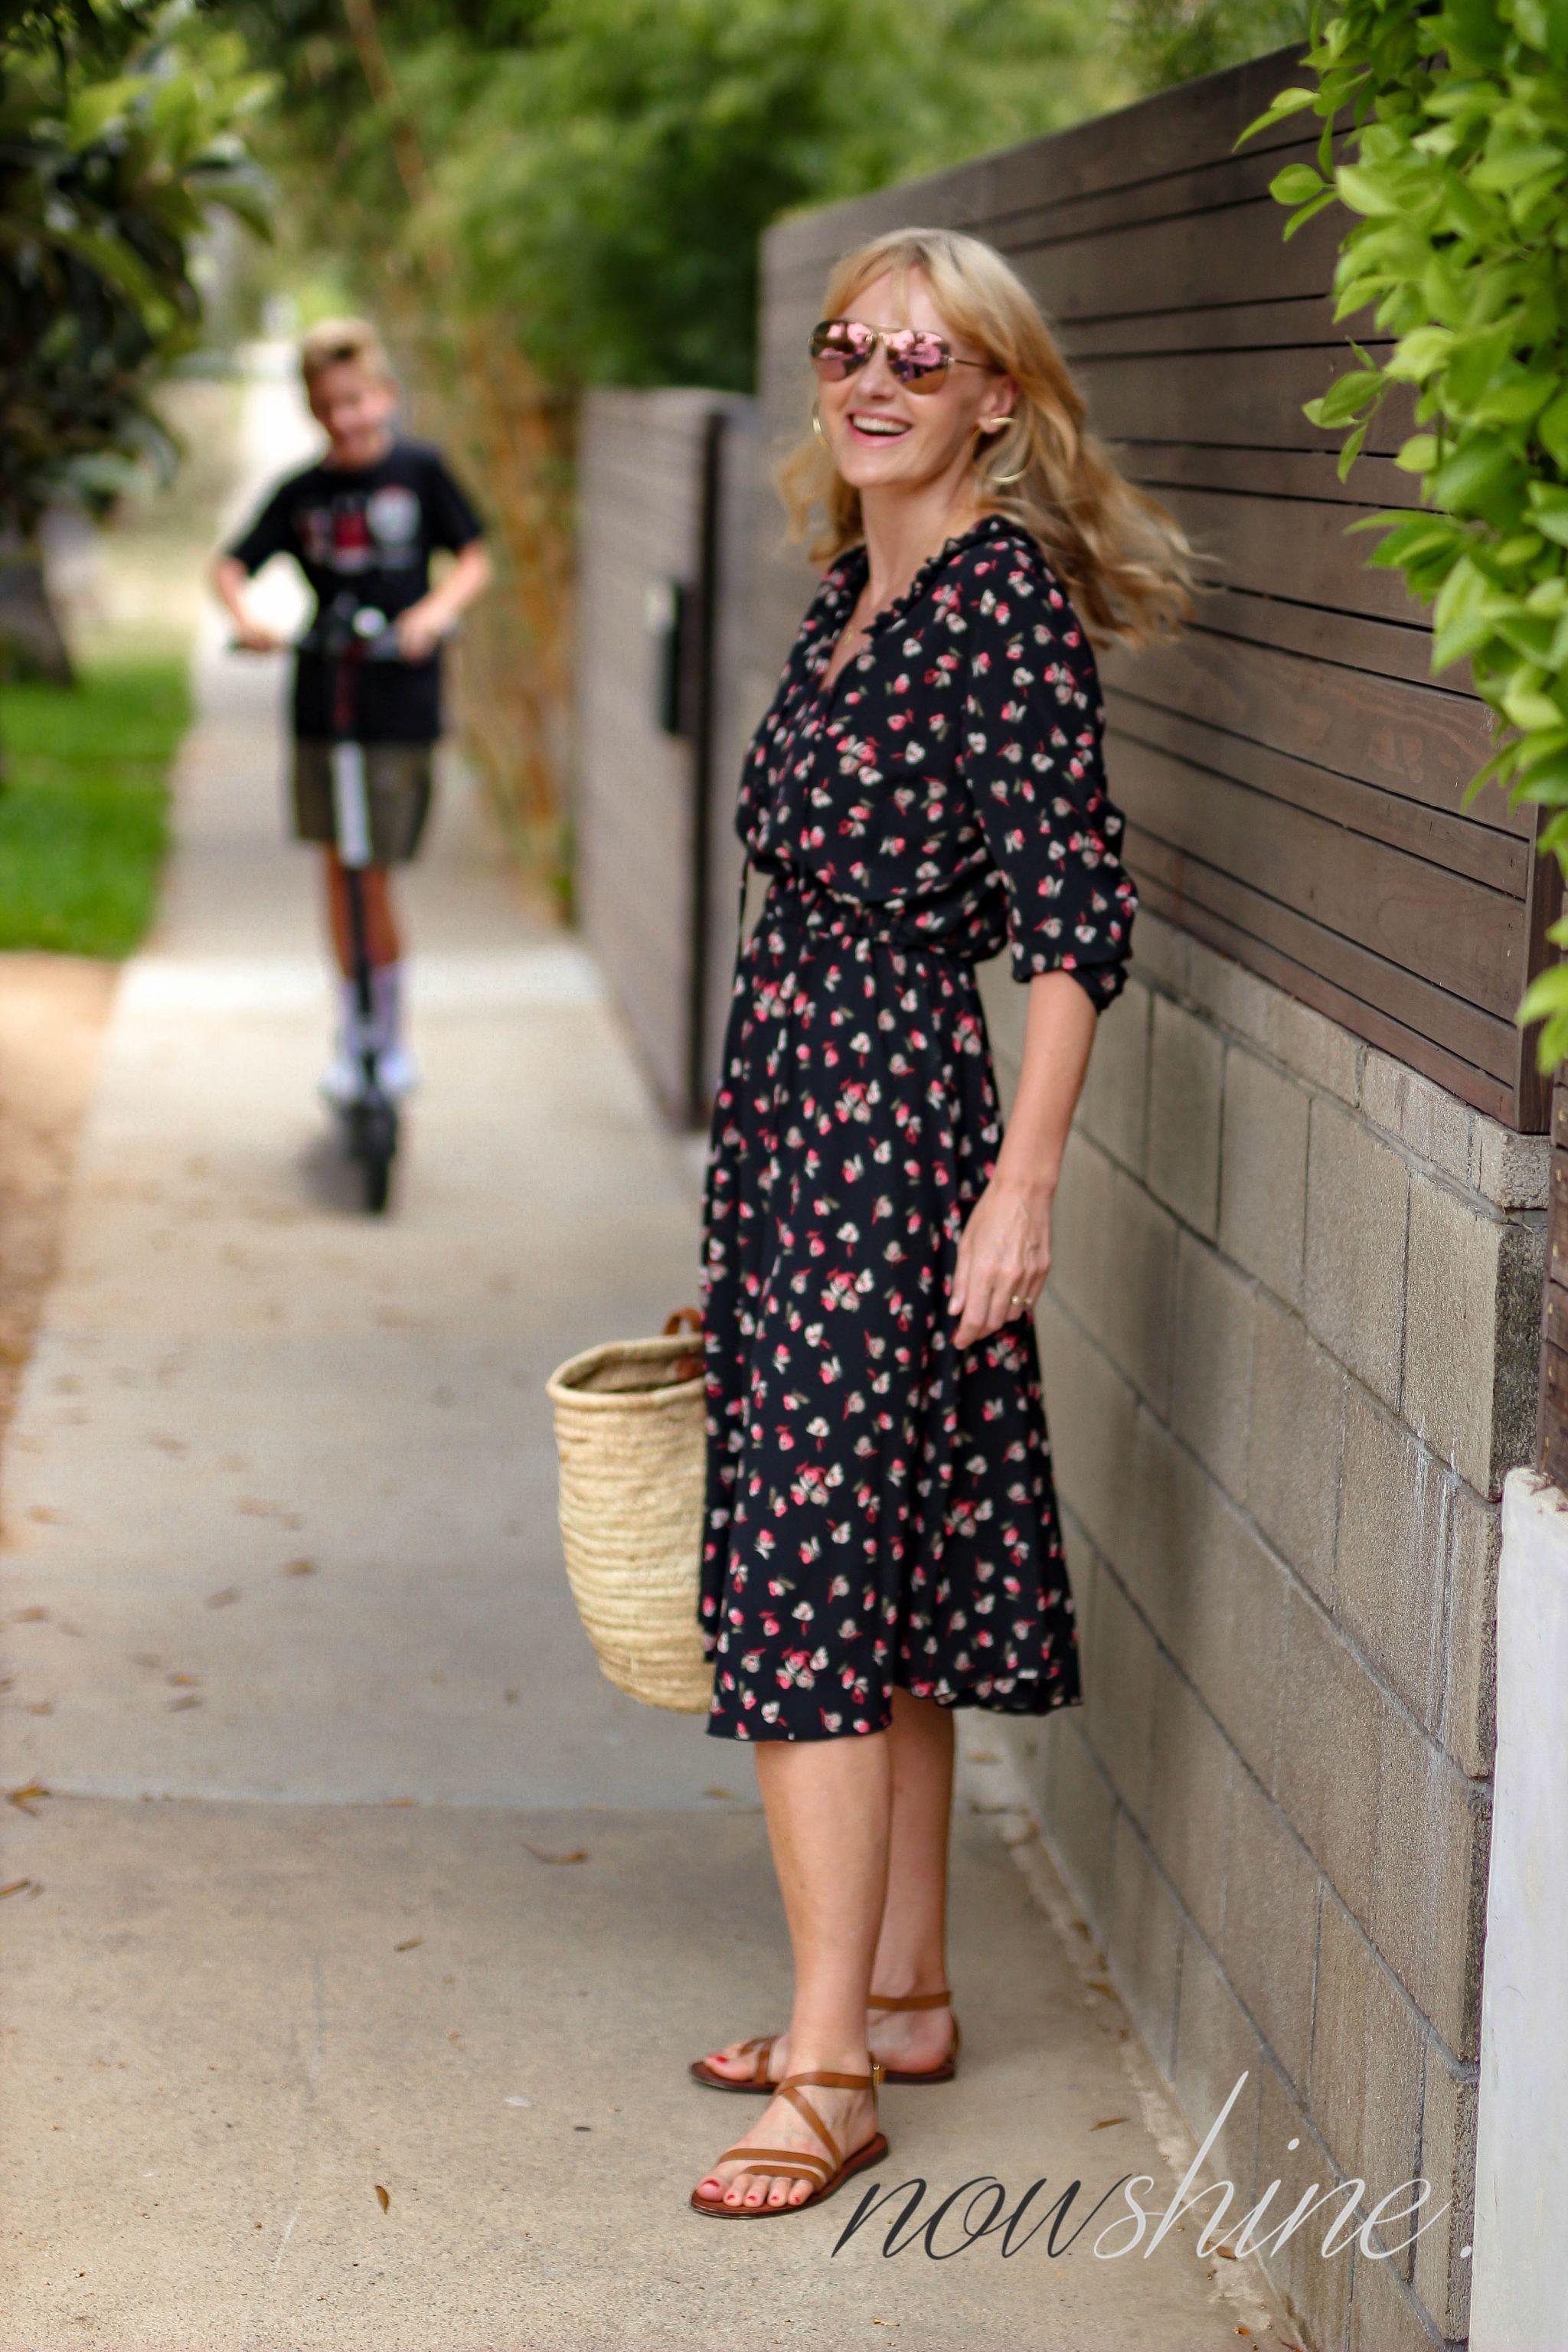 19e5d3575a2f22 Venice, Los Angeles, Abbot Kinney Blvd - Nowshine ü 40 Reiseblog Save. Aus  dem WENZ Katalog - Kleid mit Blumen ...